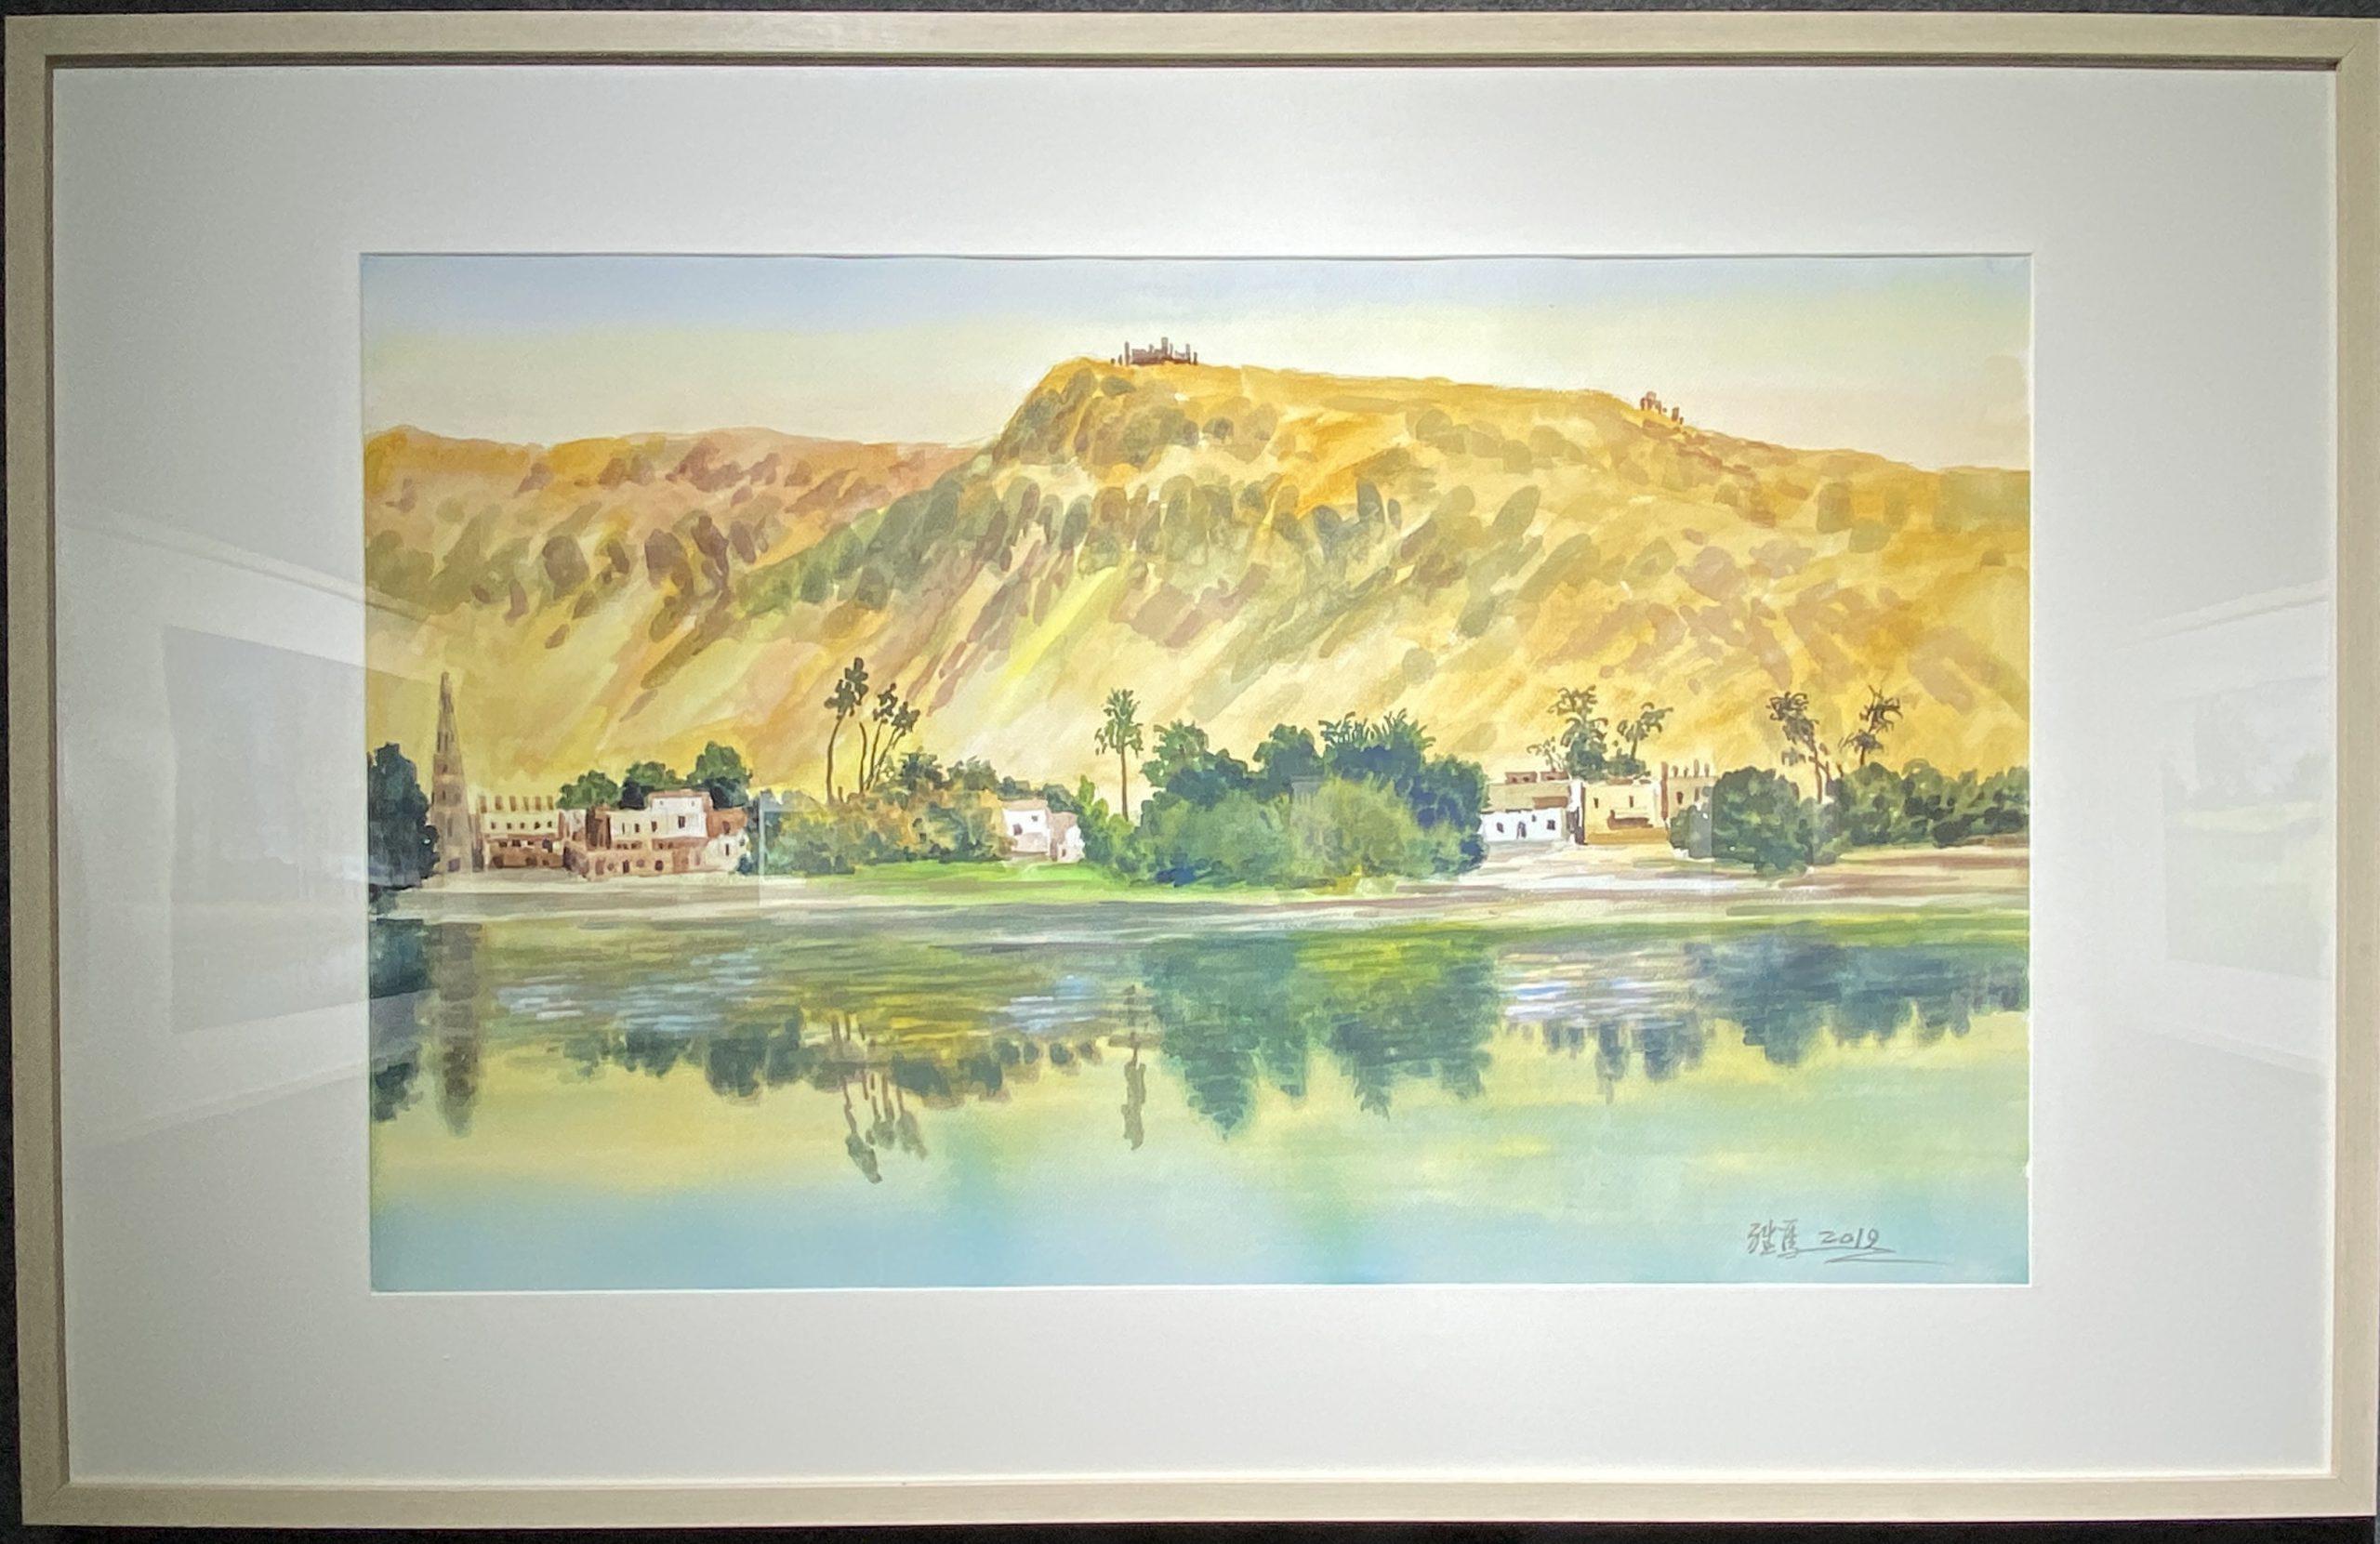 ナイルの上-1957-水彩画-29.5×38cm-「丹青を振りかけ、詩情を送る-何継篤個人書画展」成都市美術館